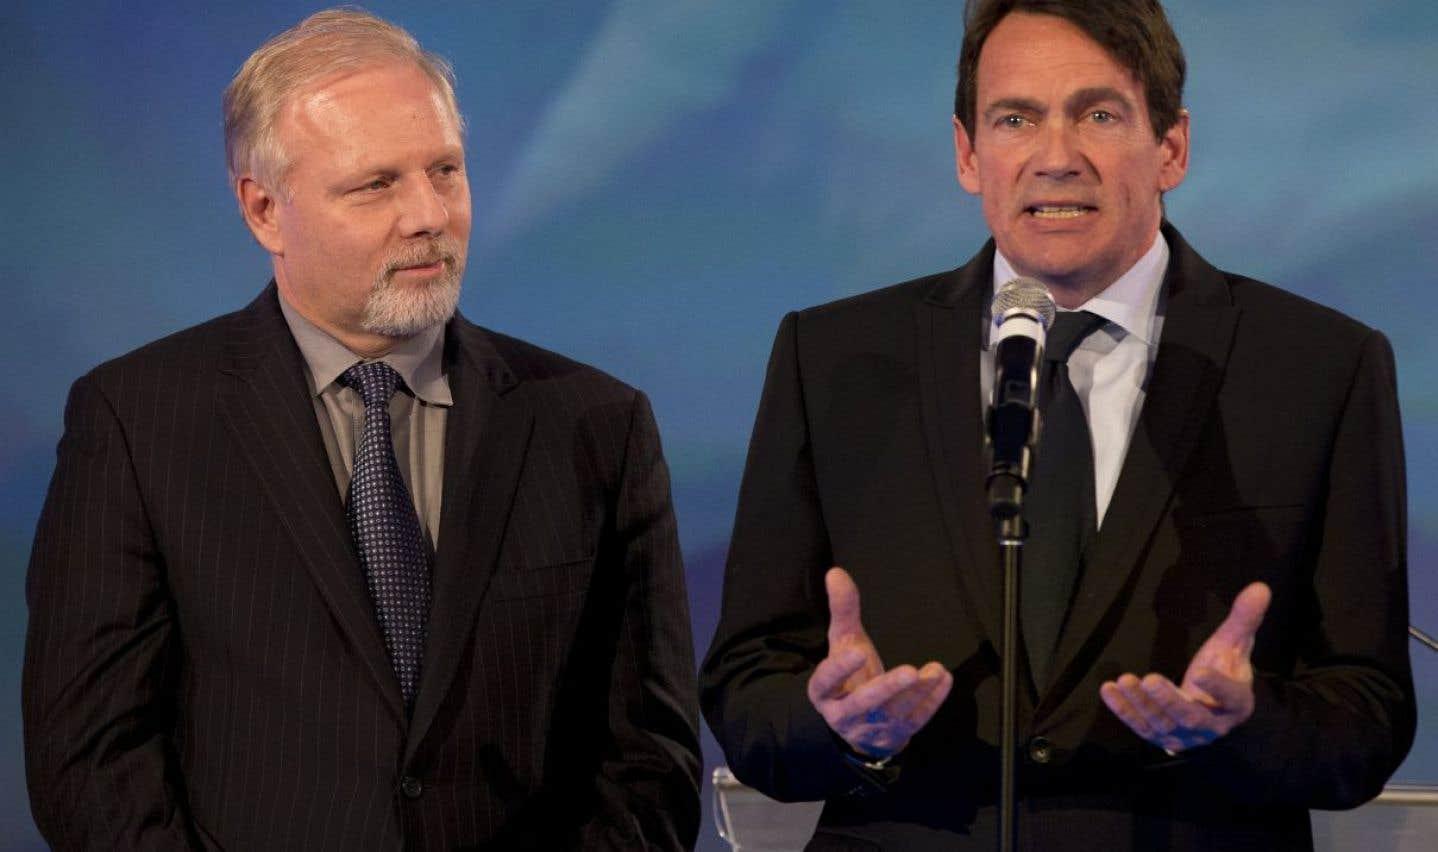 Jean-François Lisée (à gauche) souhaite obtenir les services de Pierre Karl Péladeau s'il est élu chef du PQ, en octobre prochain, et qu'il devient premier ministre ensuite.